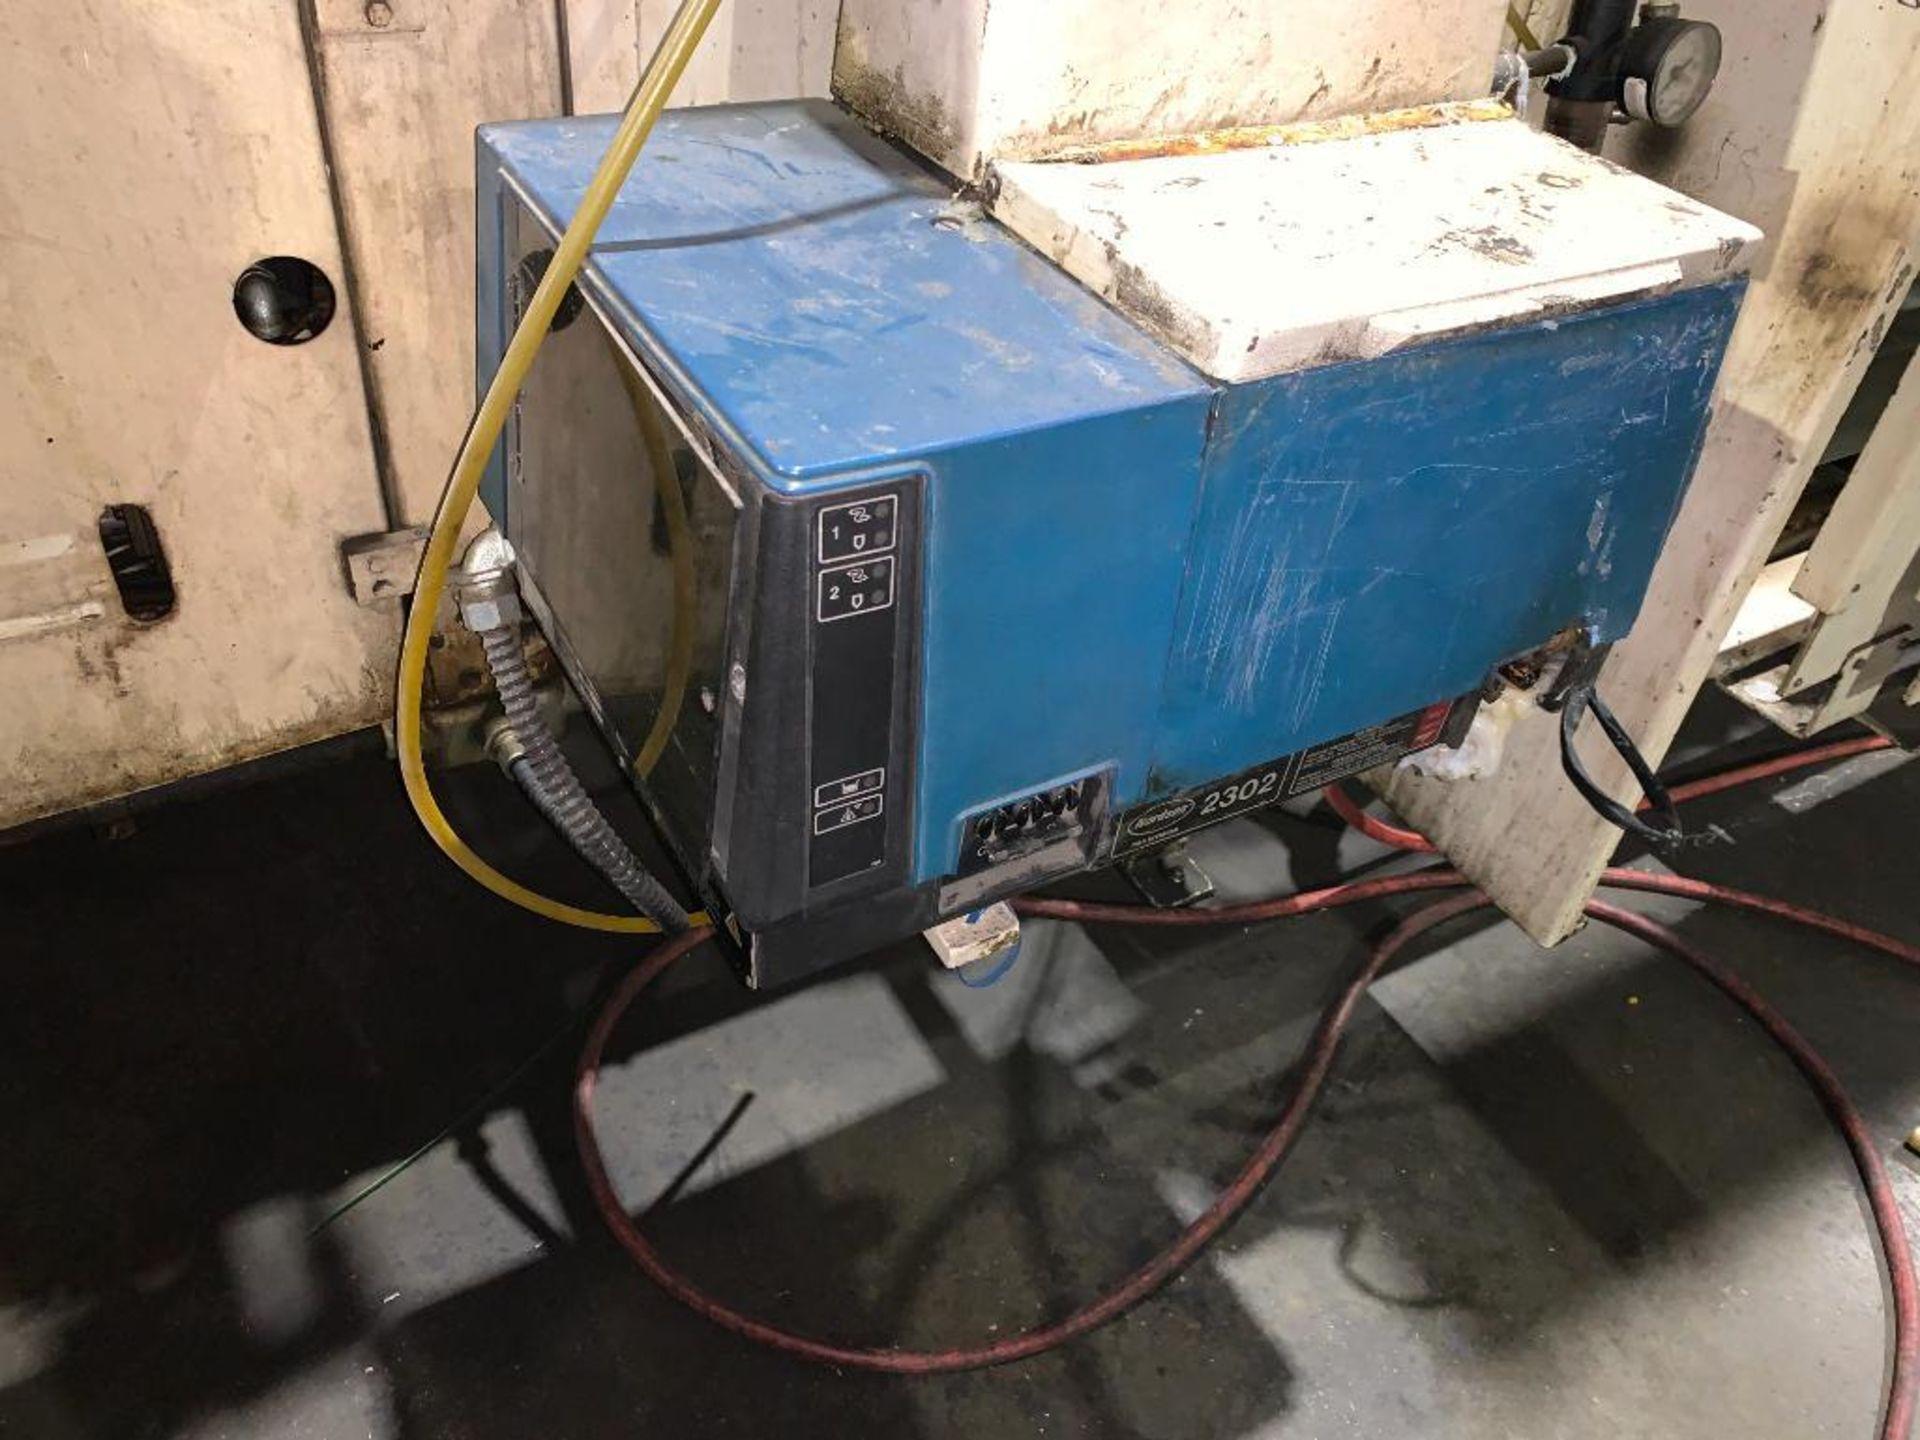 Salwasser case erector and case packer, model L41 - Image 24 of 45